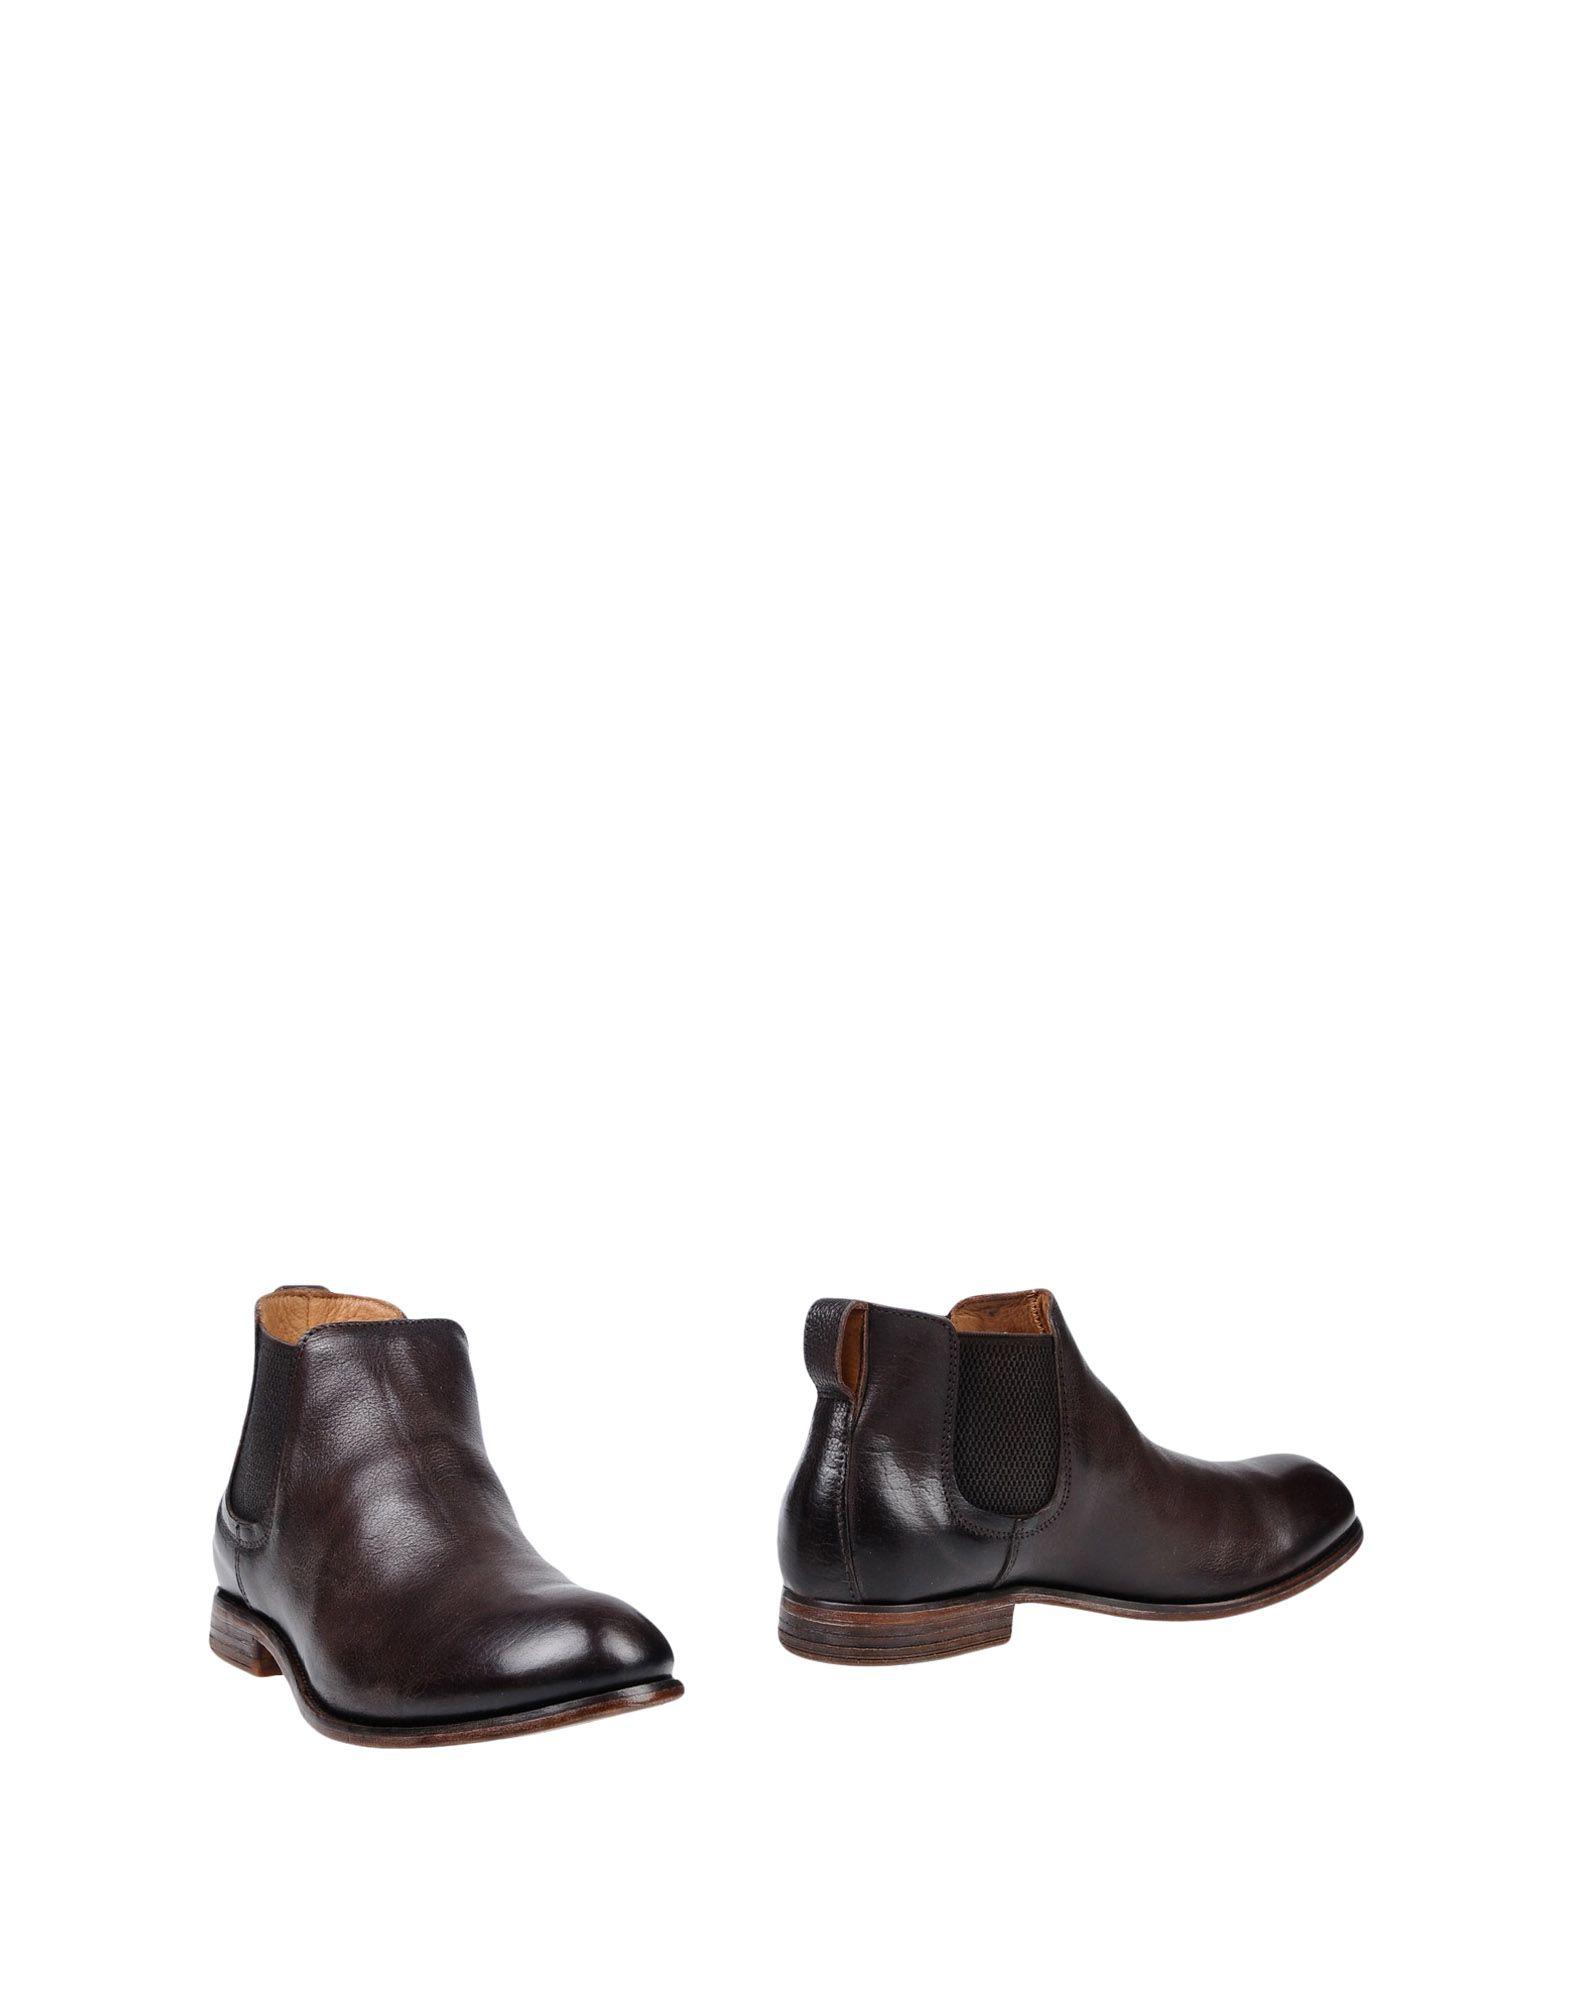 Moma Stiefelette Herren  11412863JU Gute Qualität beliebte Schuhe